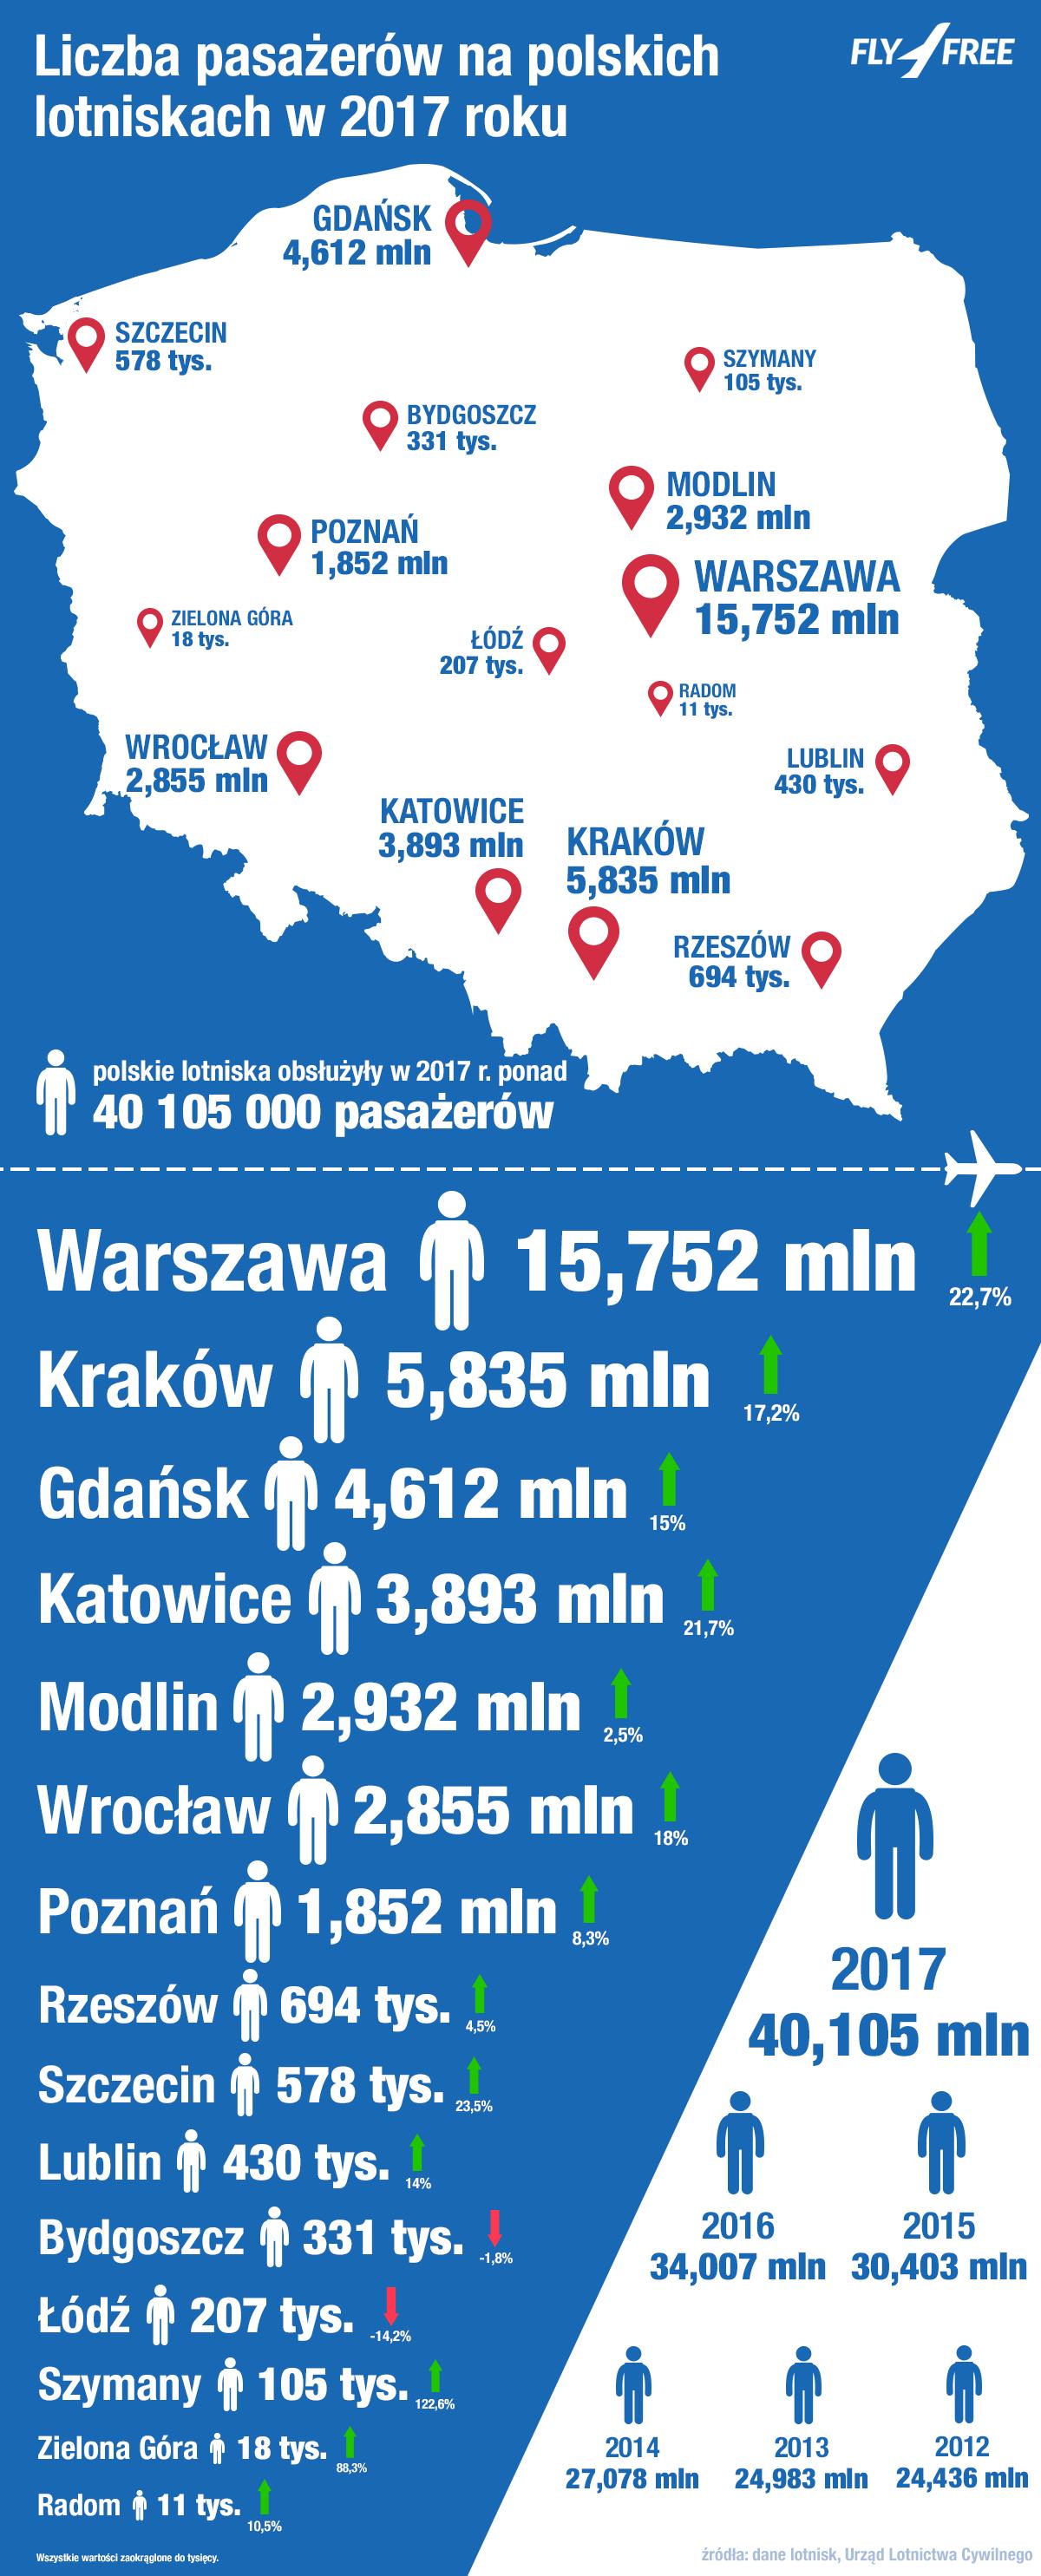 Liczba pasażerów na polskich lotniskach w 2017 roku